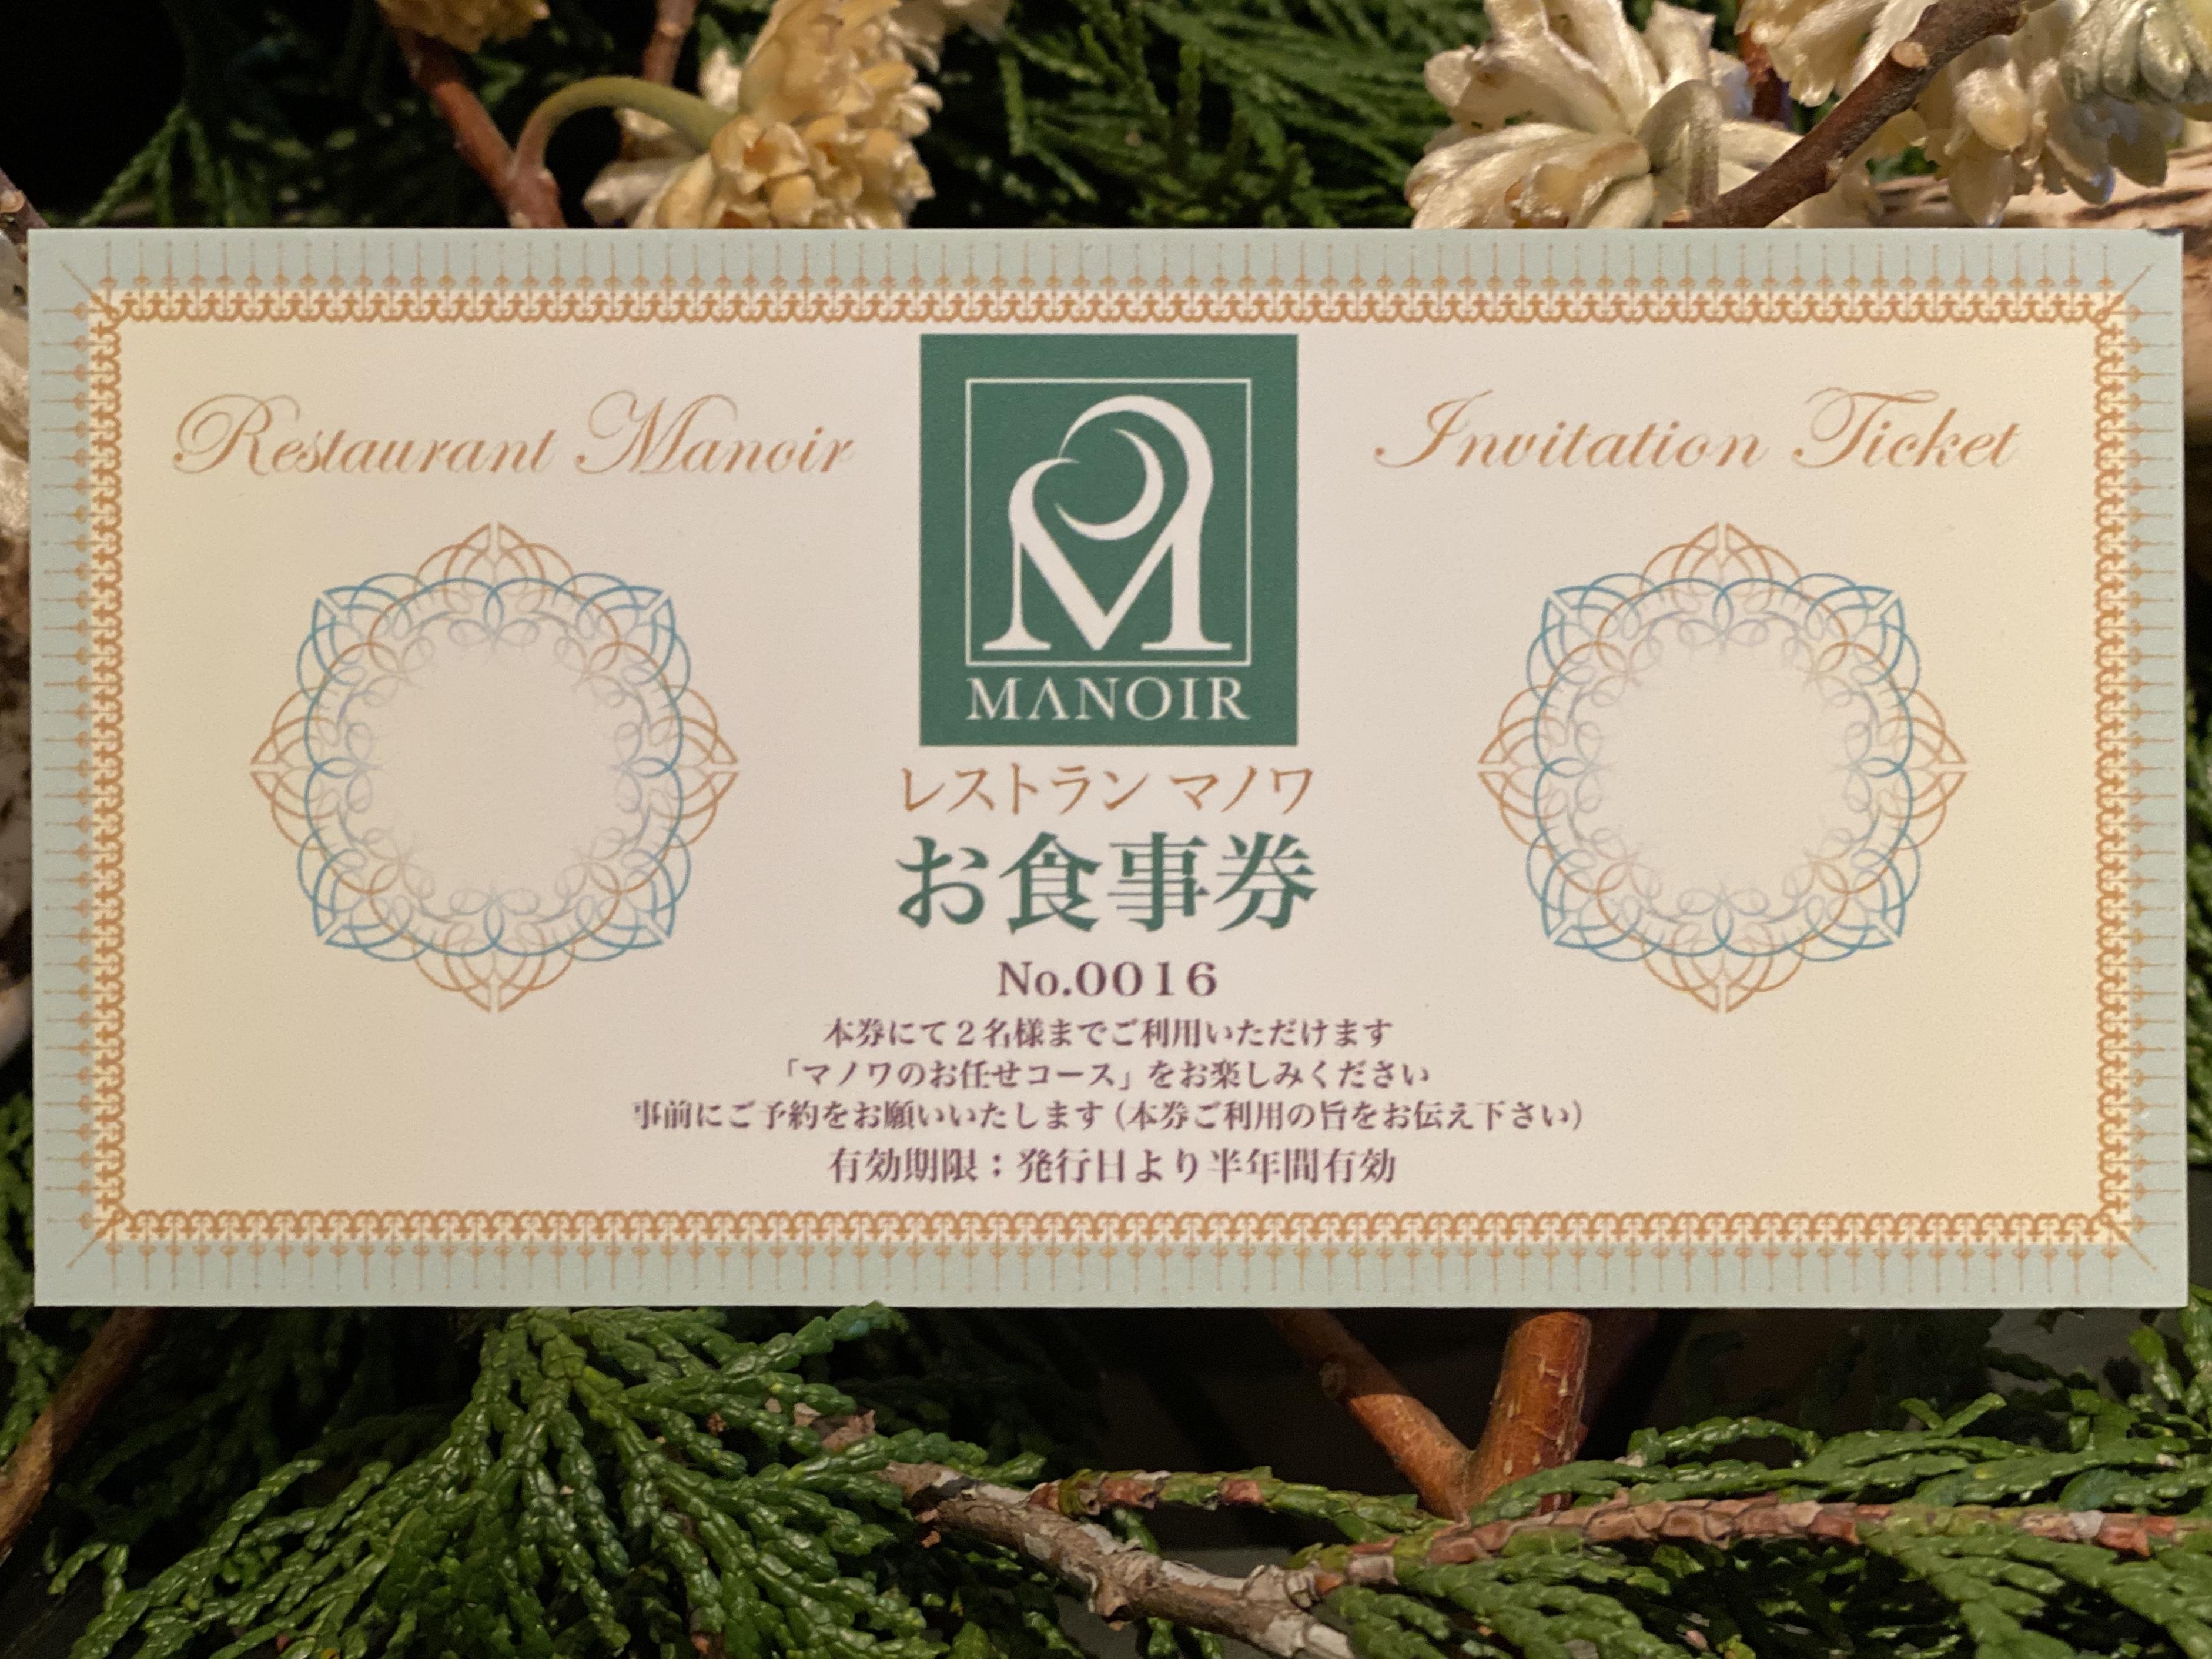 東京・広尾「レストラン マノワ」ディナーペア券(2名様用、食前酒・消費税・サービス料込)